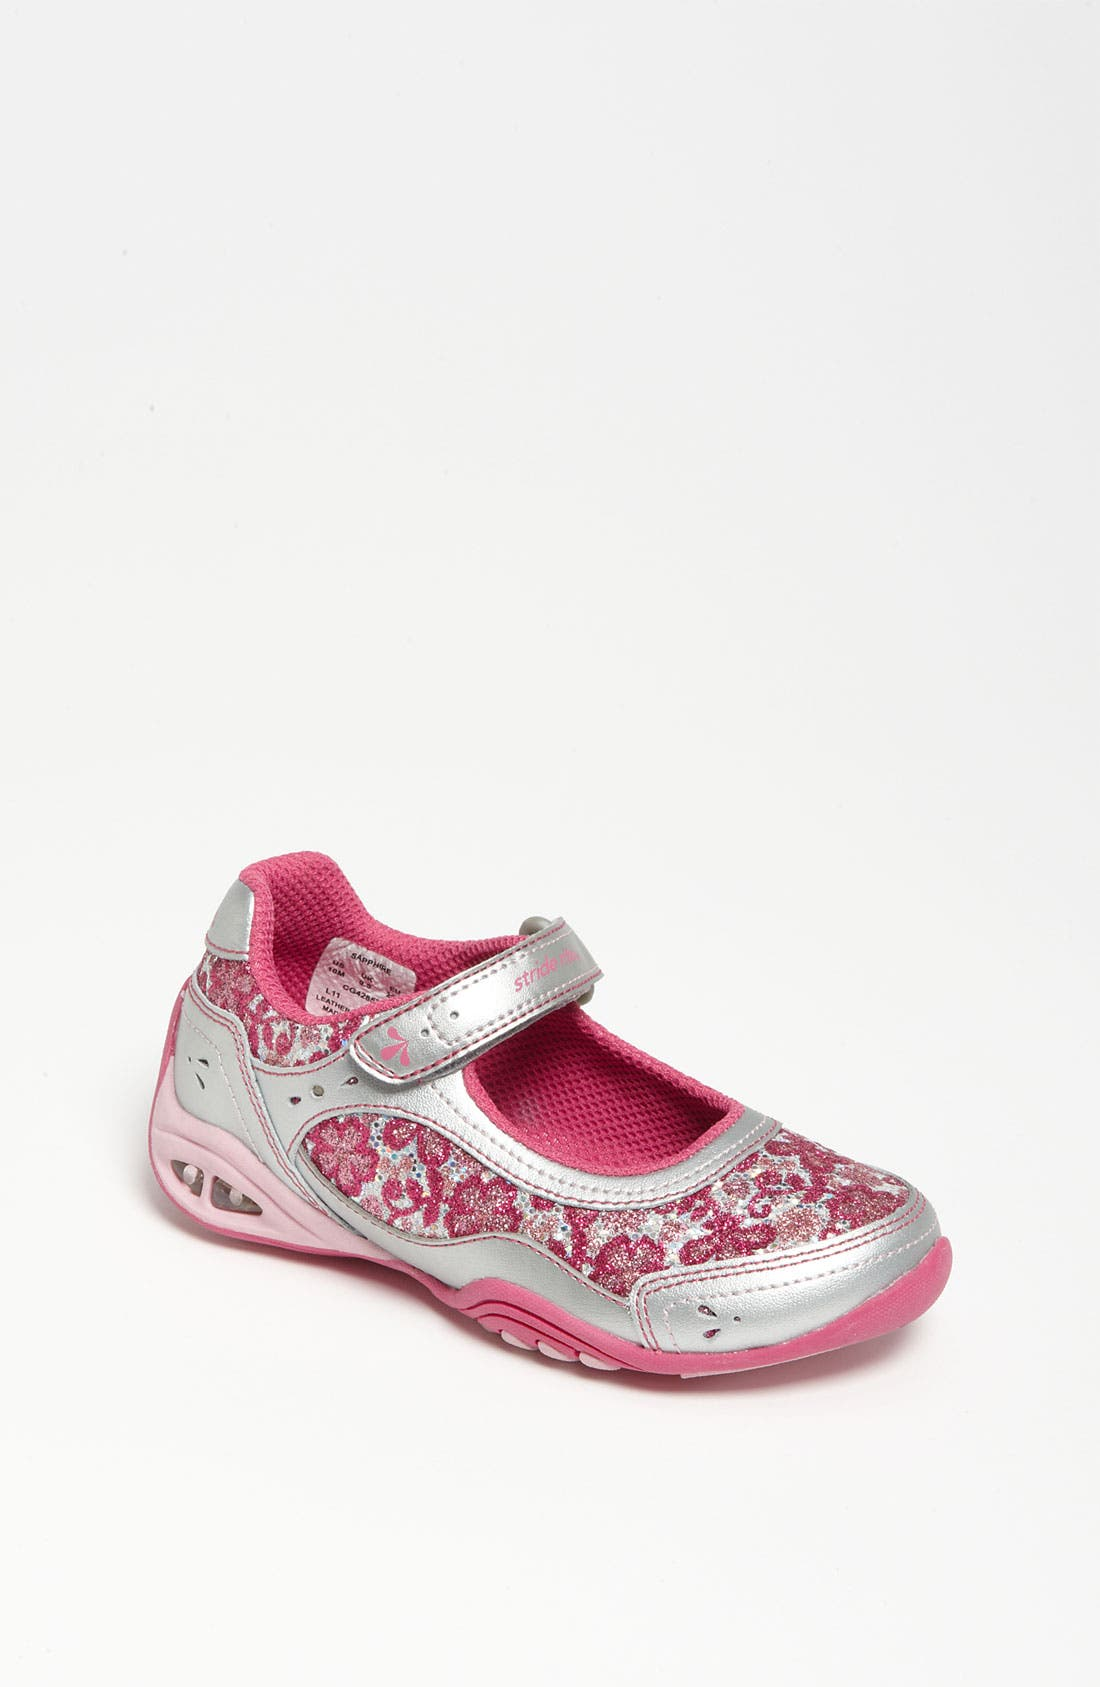 Alternate Image 1 Selected - Stride Rite 'Sapphire' Light-Up Sneaker (Walker, Toddler & Little Kid)